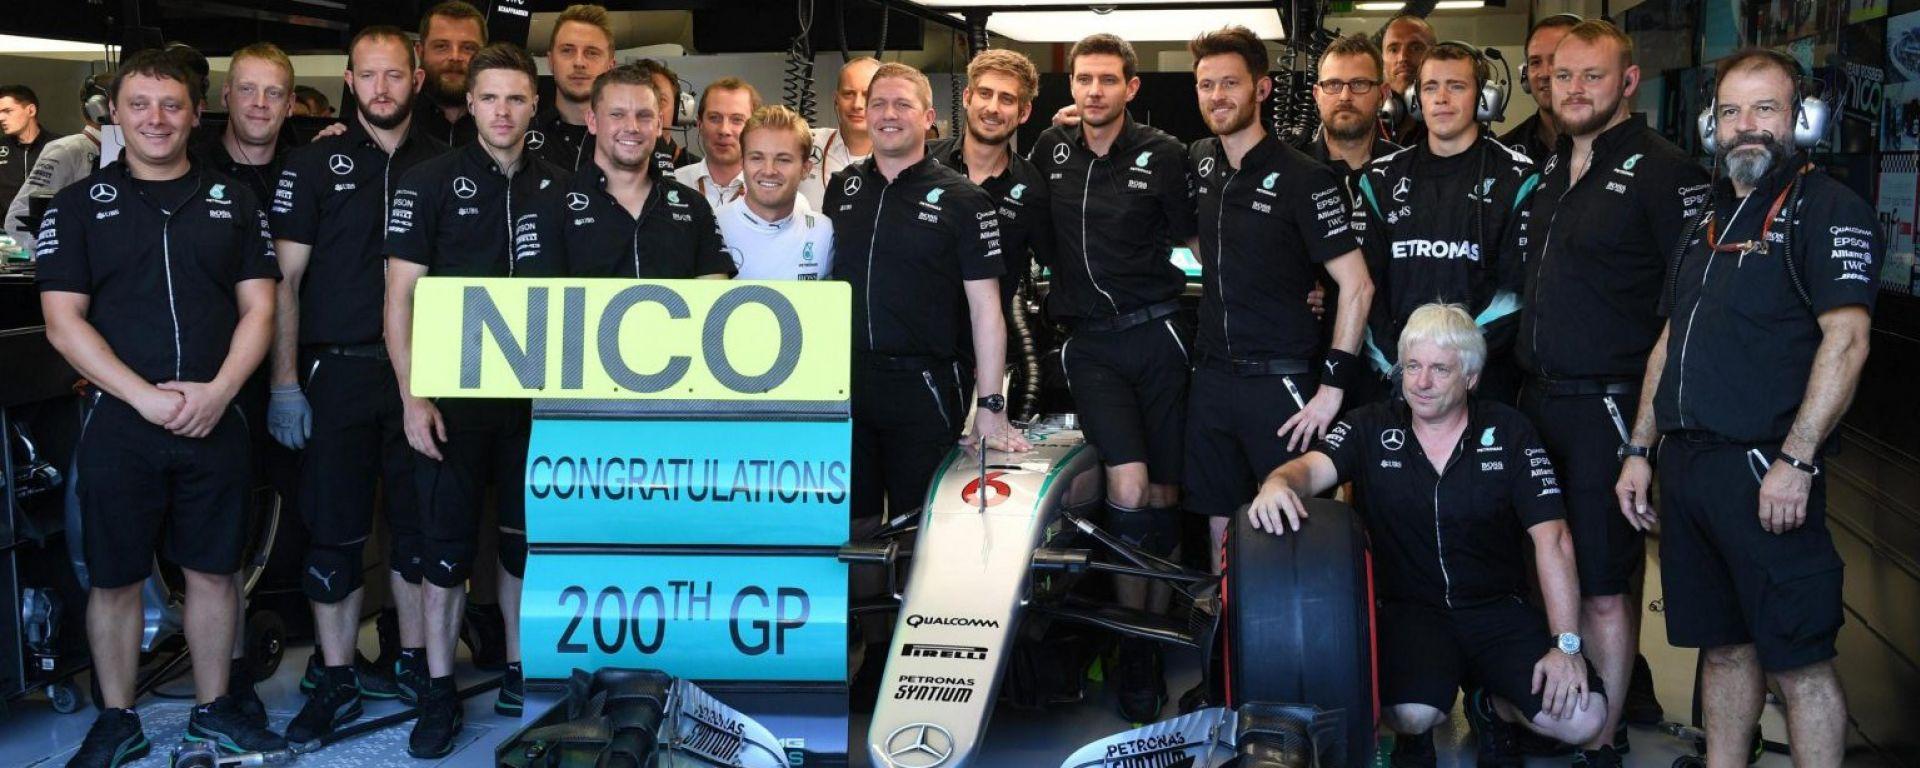 F1 GP Singapore: dopo il botto, Rosberg conquista le FP2